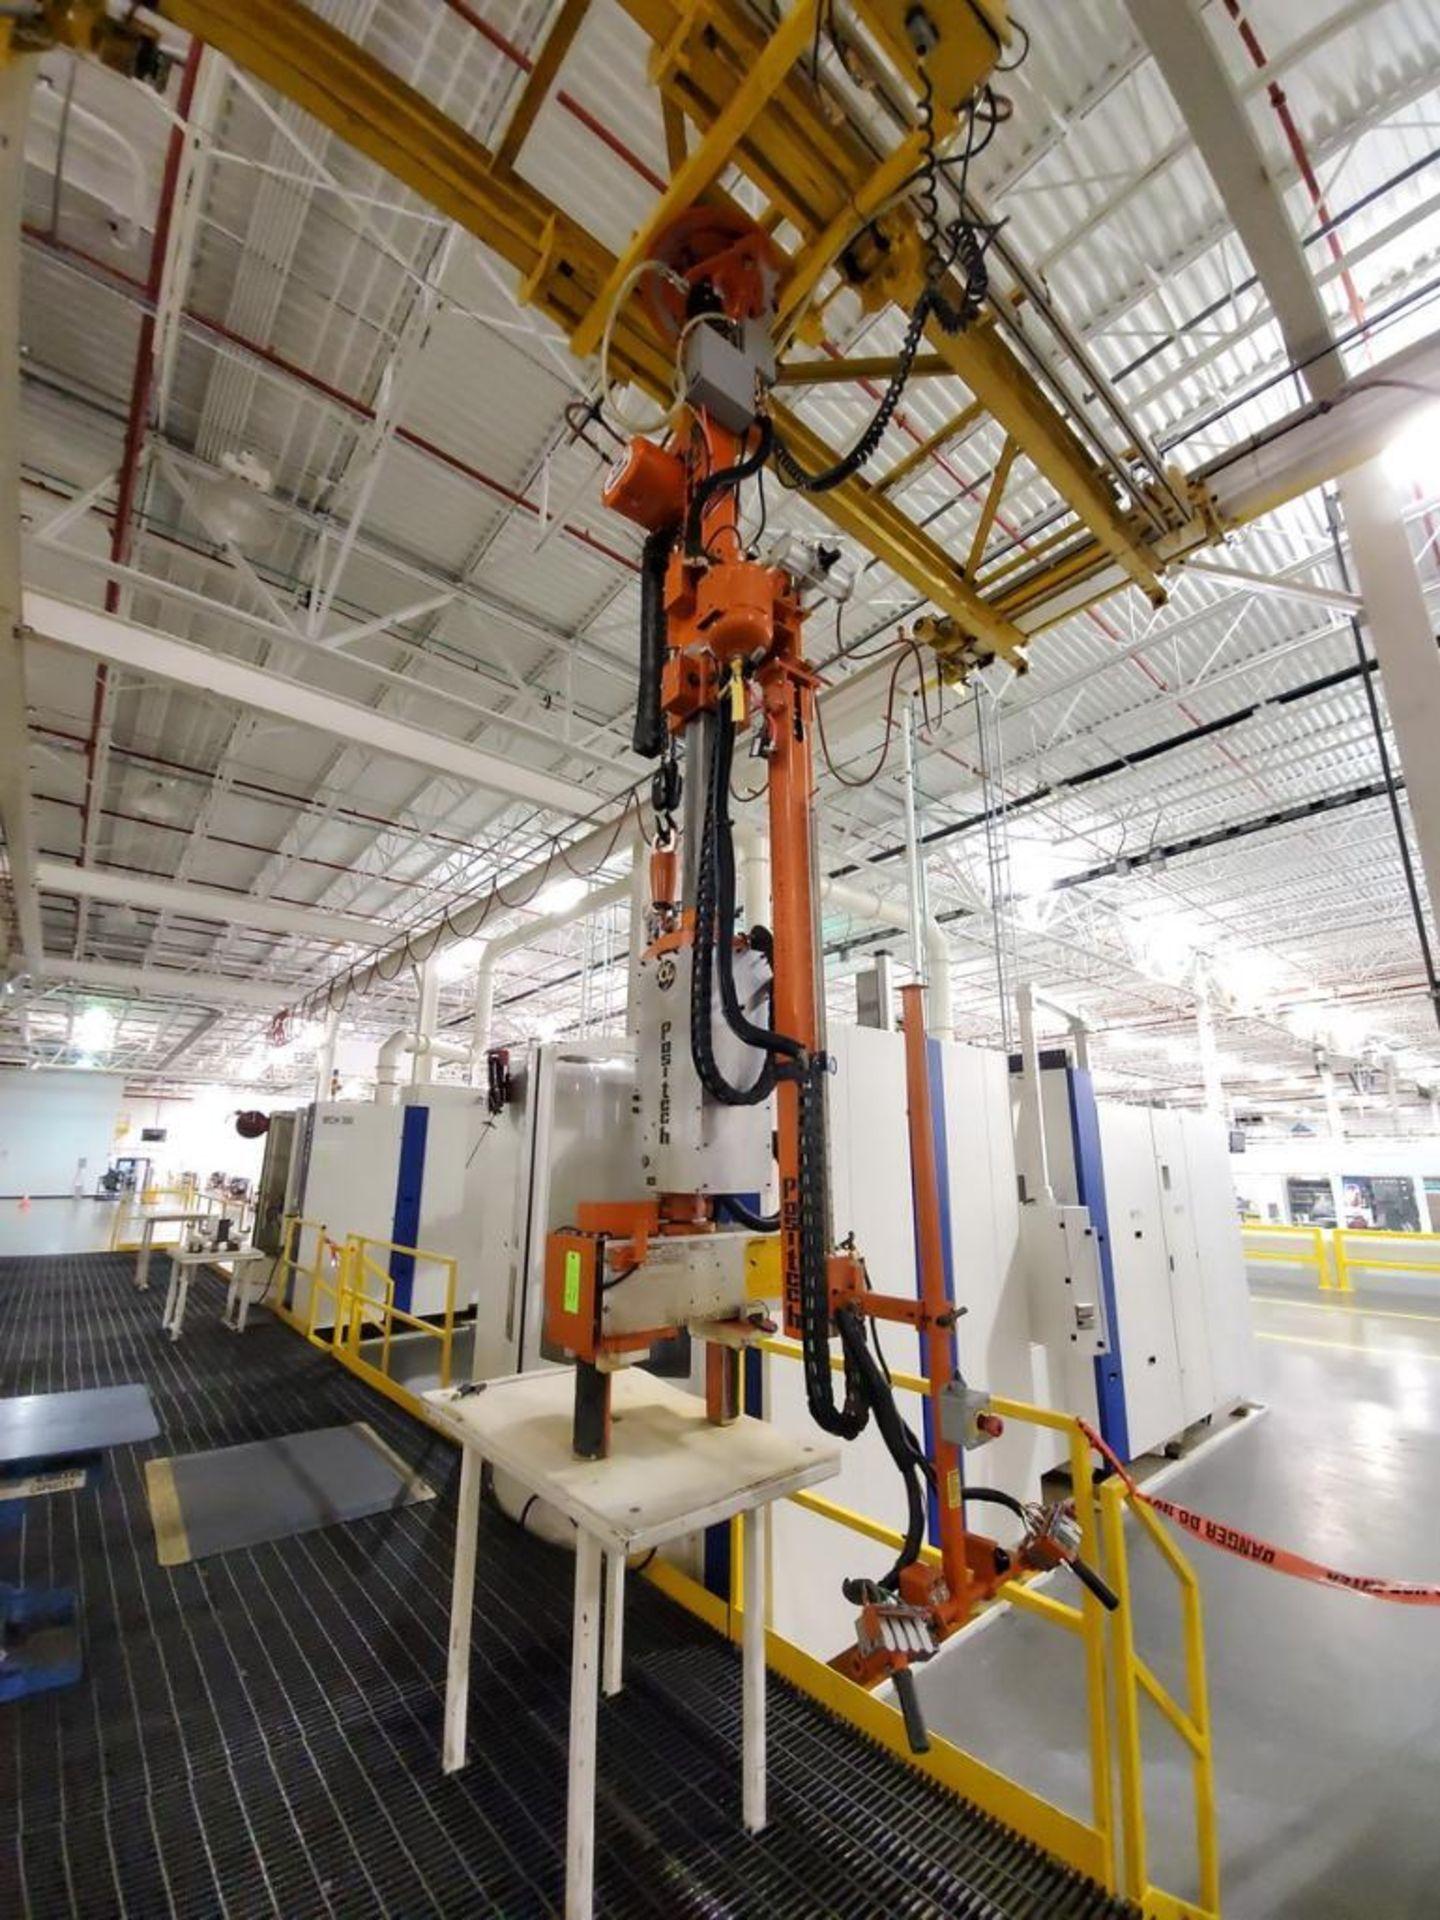 Lot 27 - Positech V Lift Vertical Rail Lifter